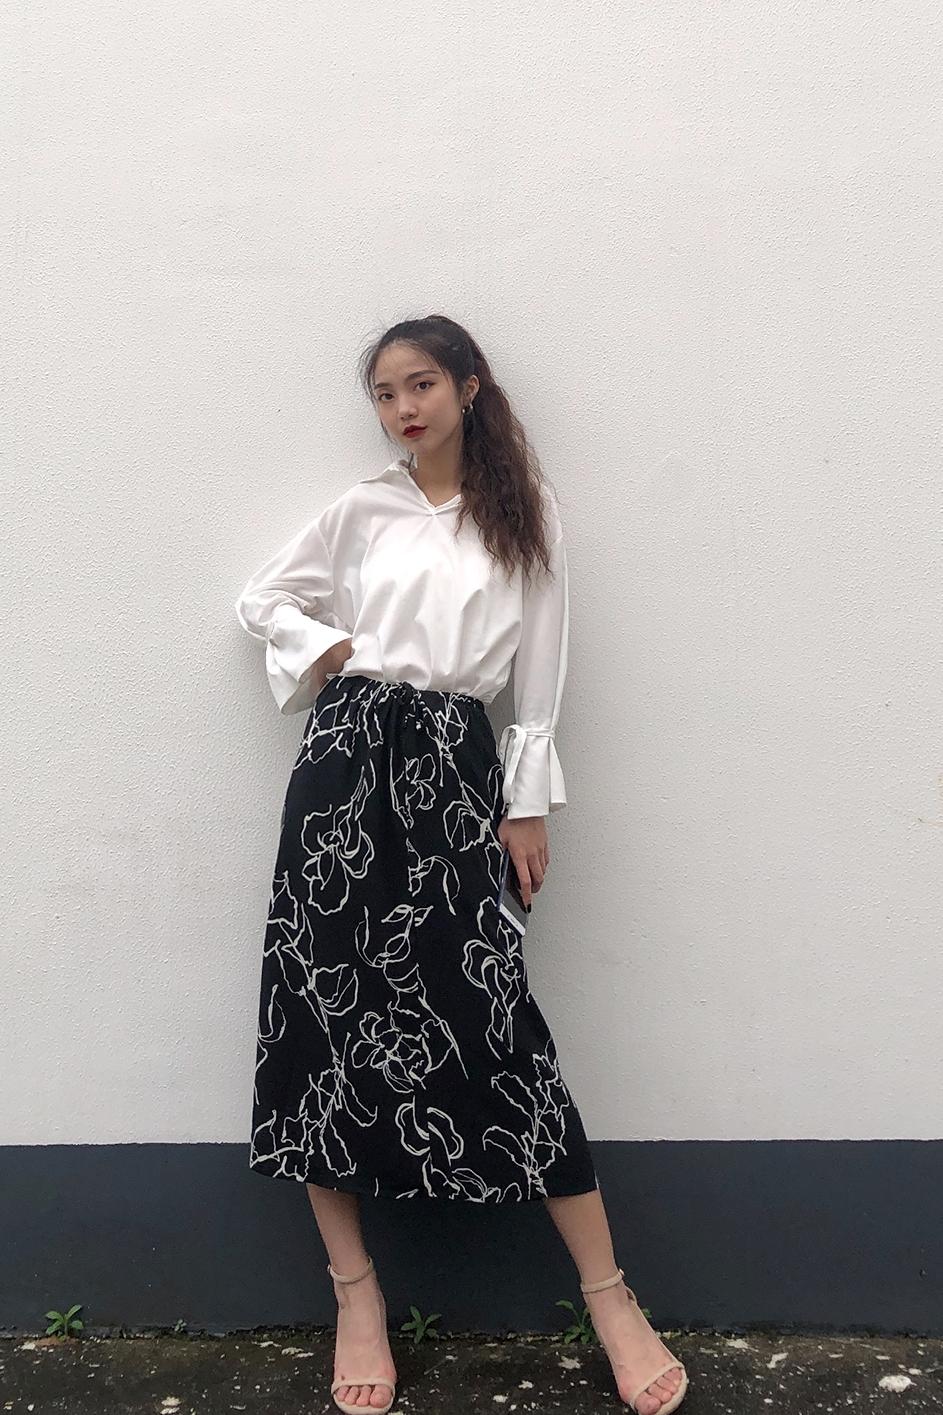 #浅浅夏日,绝美淡色系暴击# 黑色印花半身裙配一件简单的白衬衫,简单又好看,这个裙子的质感蛮好的,很有垂感,不容易起皱,夏天必备这么一件半身裙。